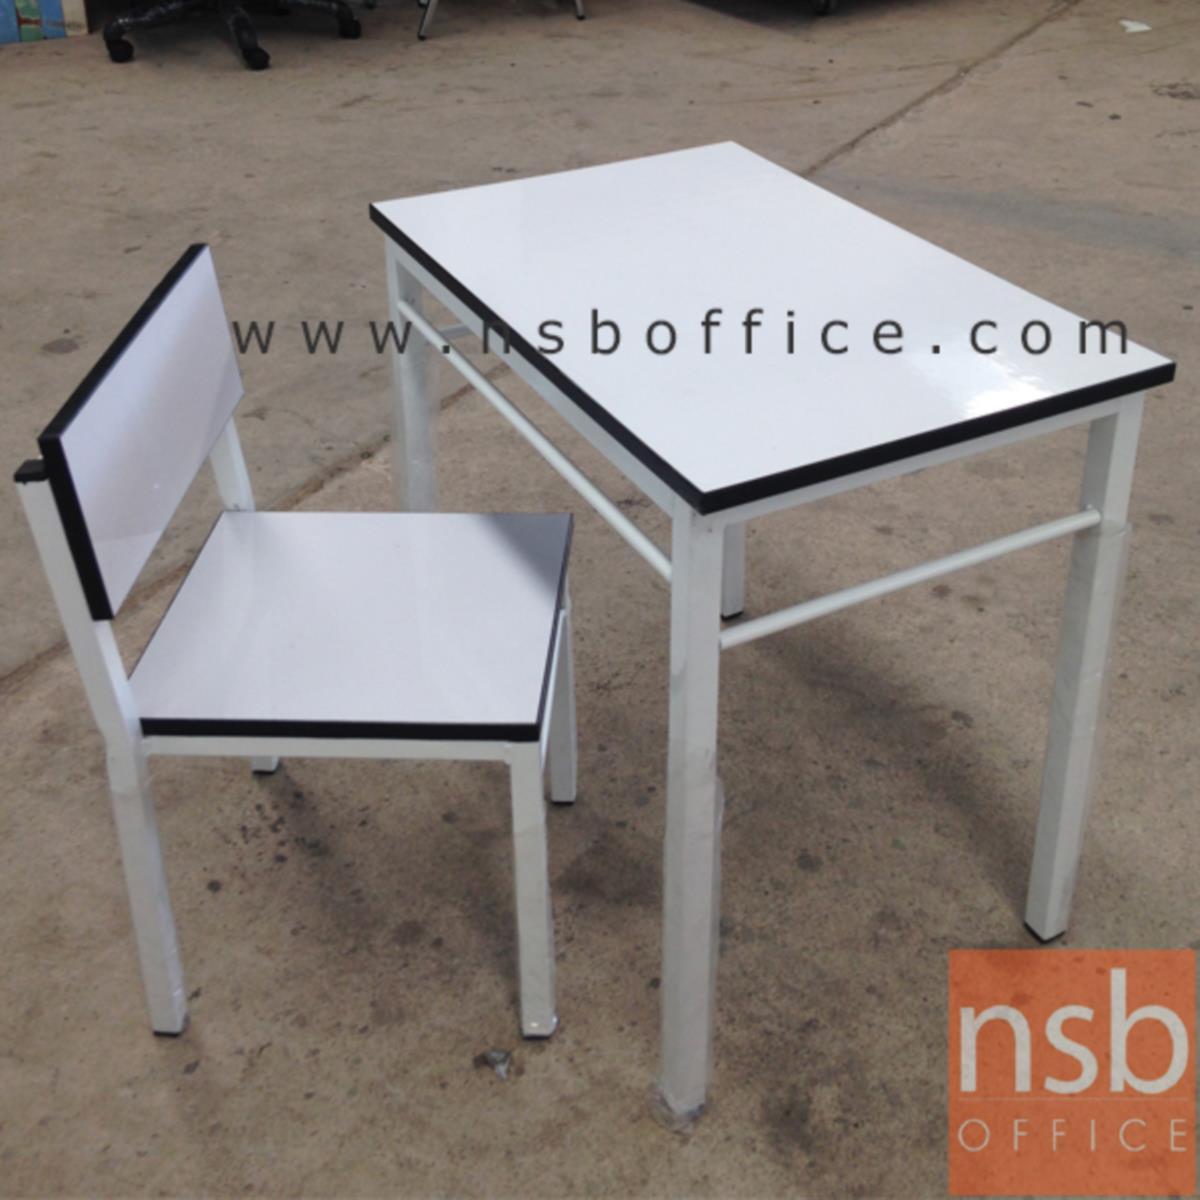 A17A023:ชุดโต๊ะและเก้านักเรียน รุ่น TC-06  ระดับเด็กเล็ก โครงเหล็กสีขาว